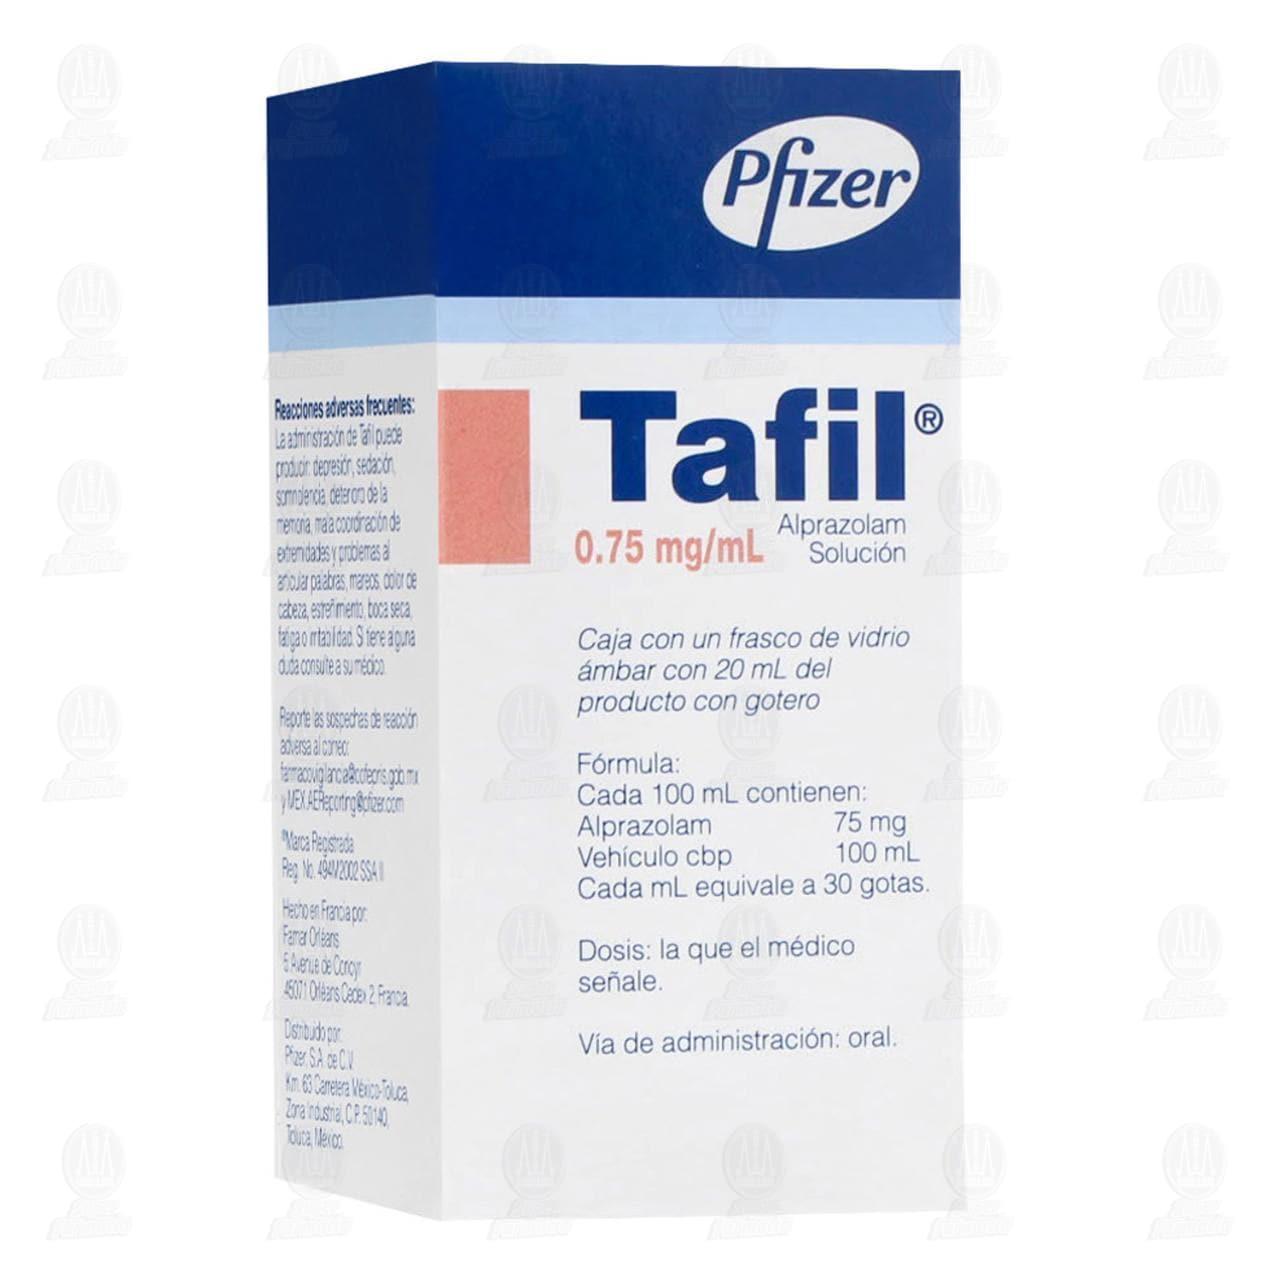 Comprar Tafil 0.75mg/ml Solución en Farmacias Guadalajara